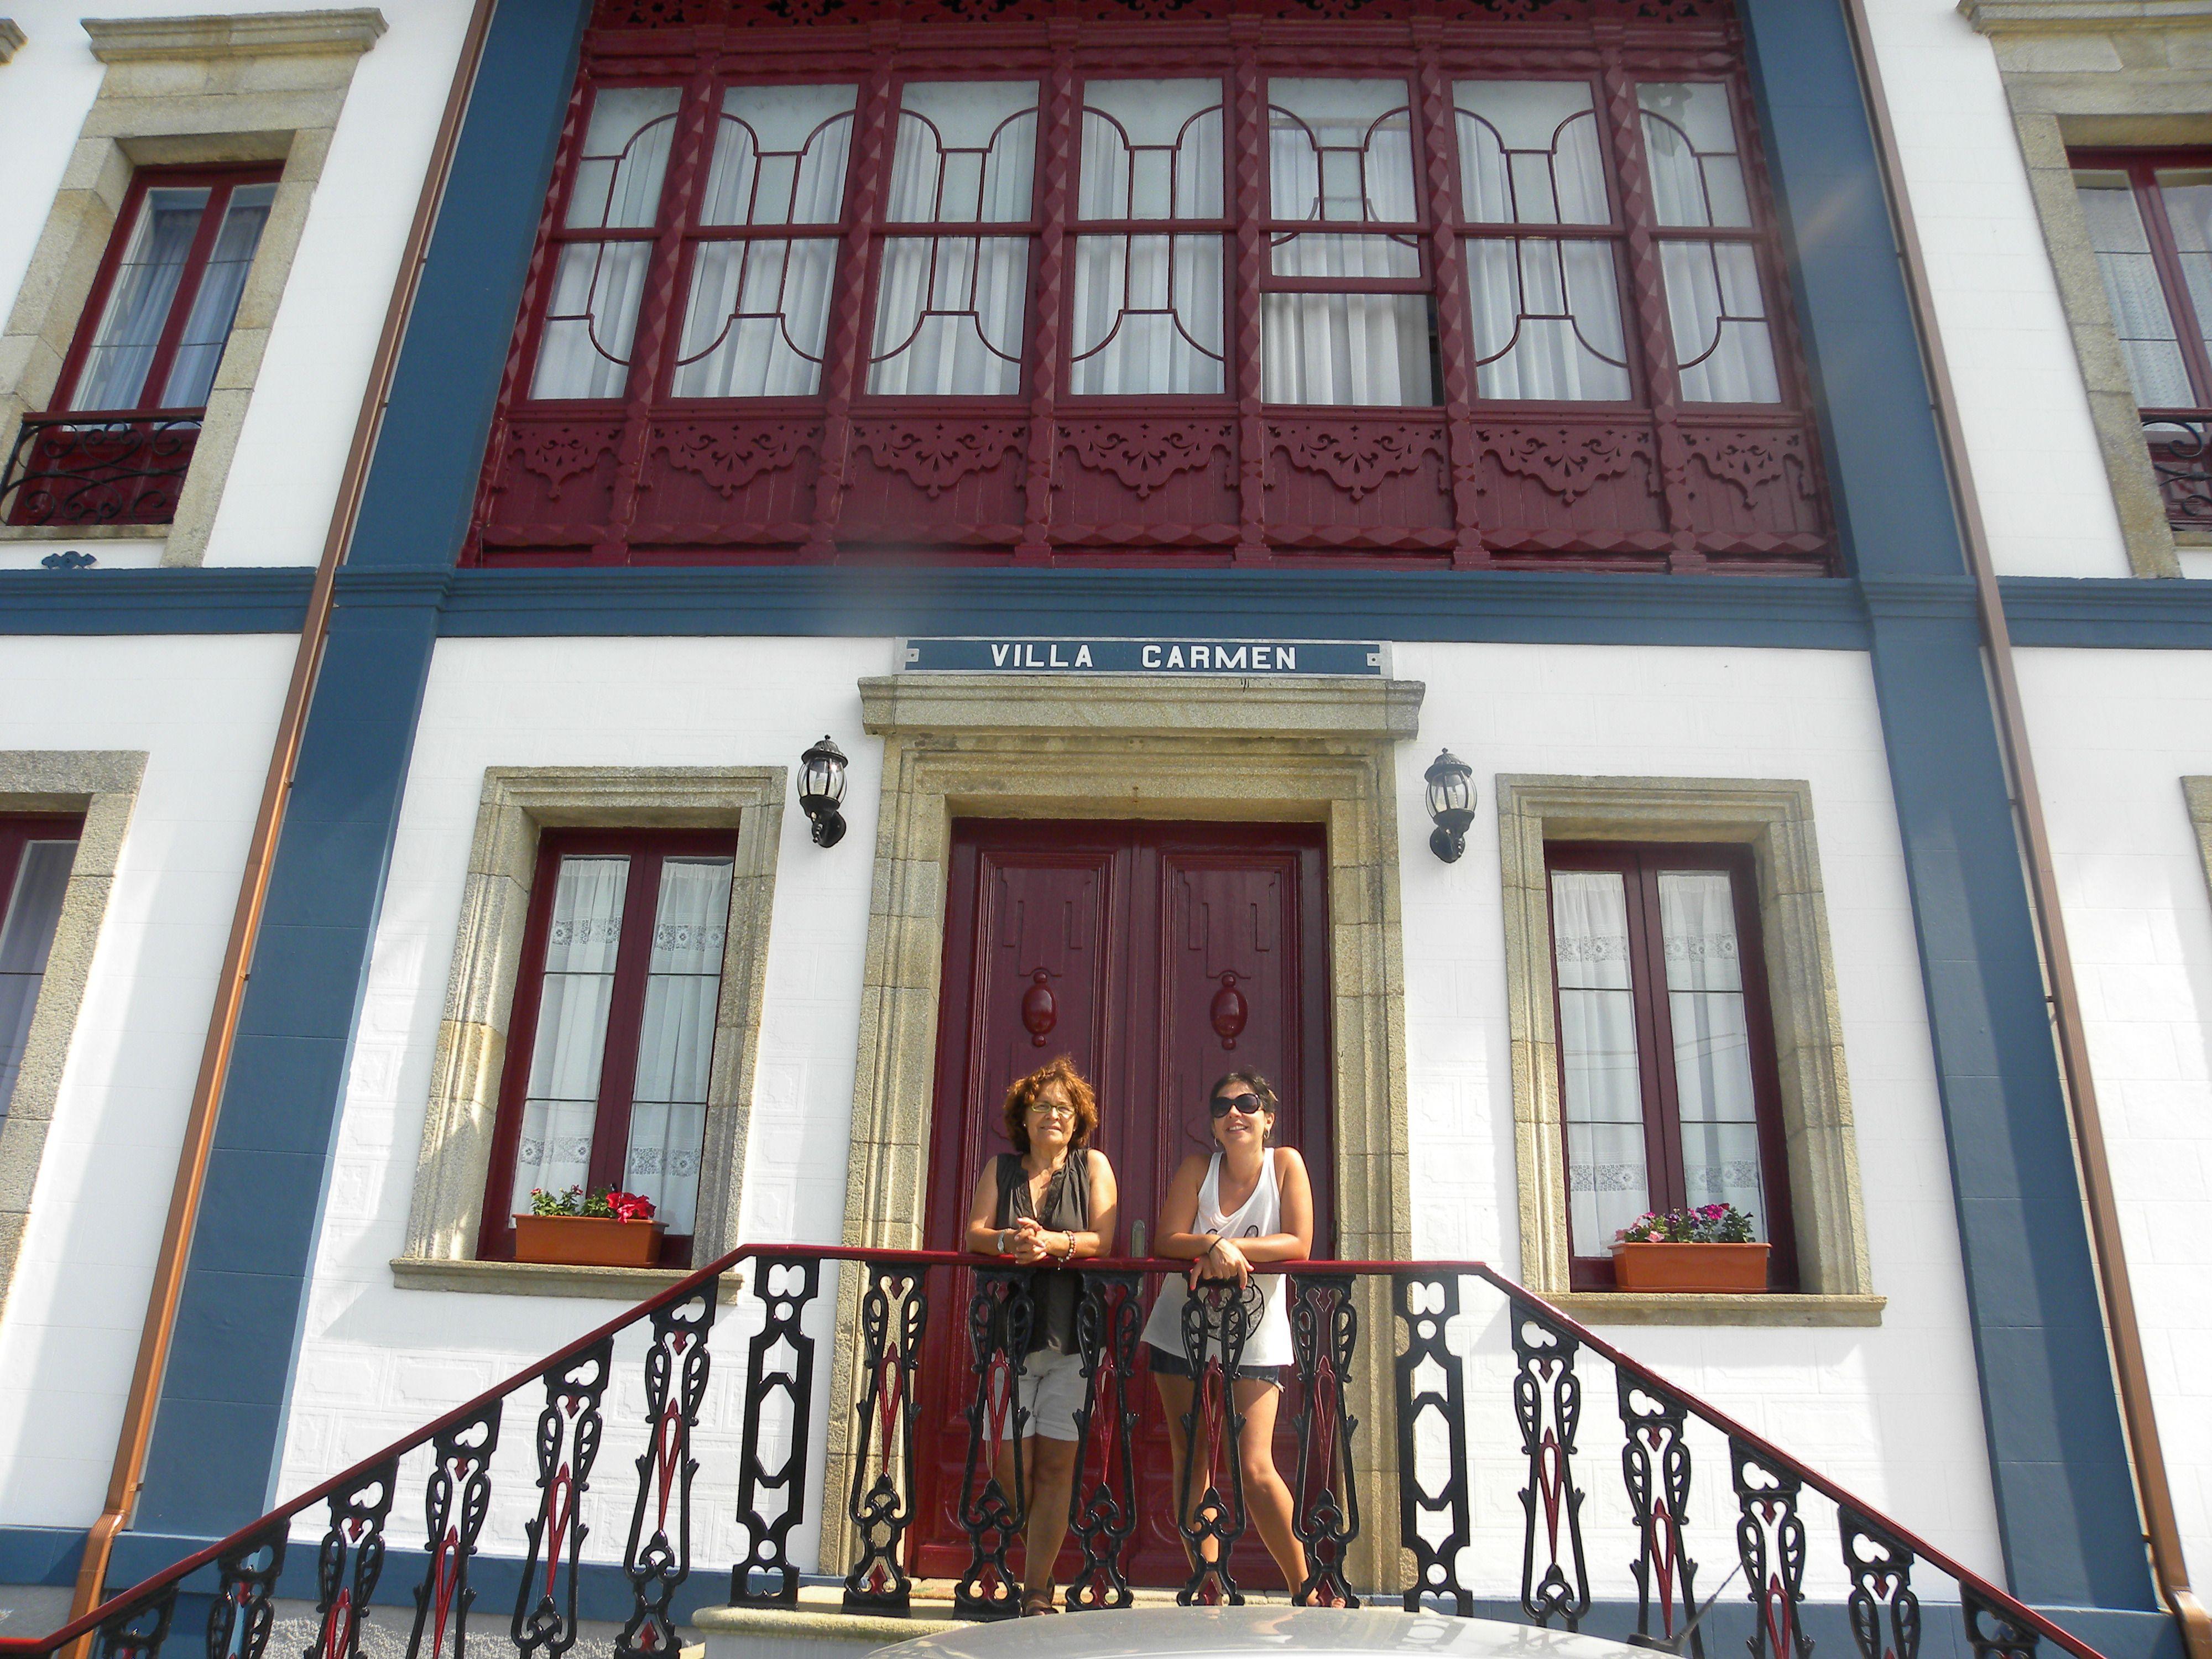 Casa de severo ochoa luarca asturias luarca pinterest asturias espa a espa a y prado - Casa de asturias madrid ...